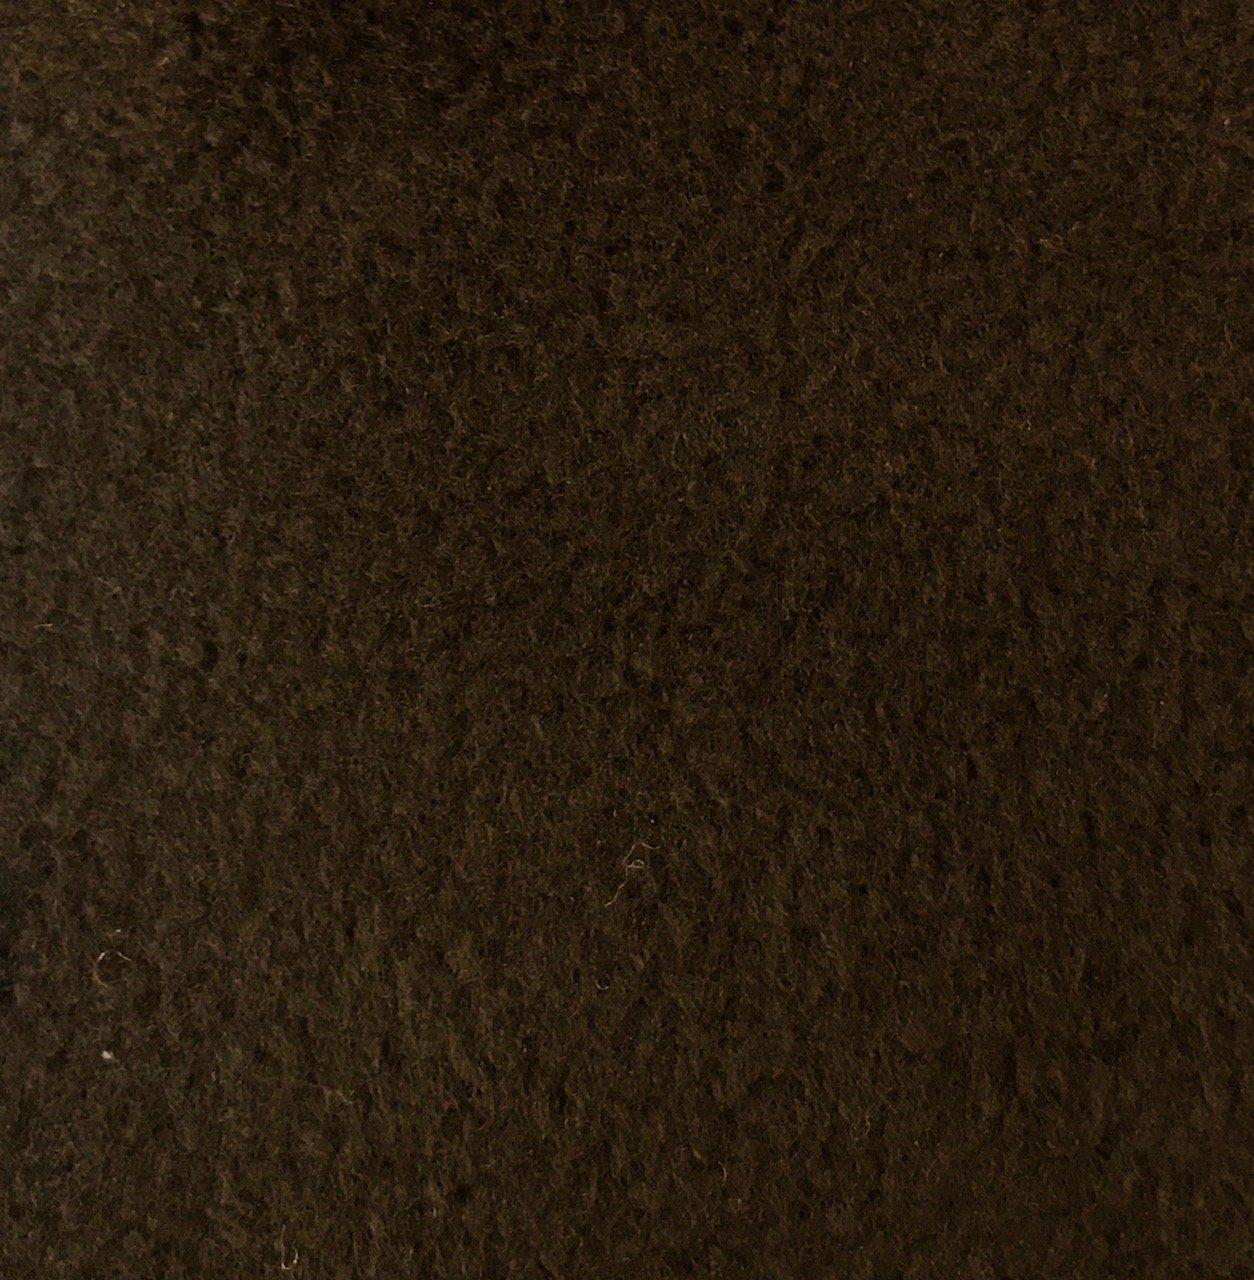 P200 - Brown